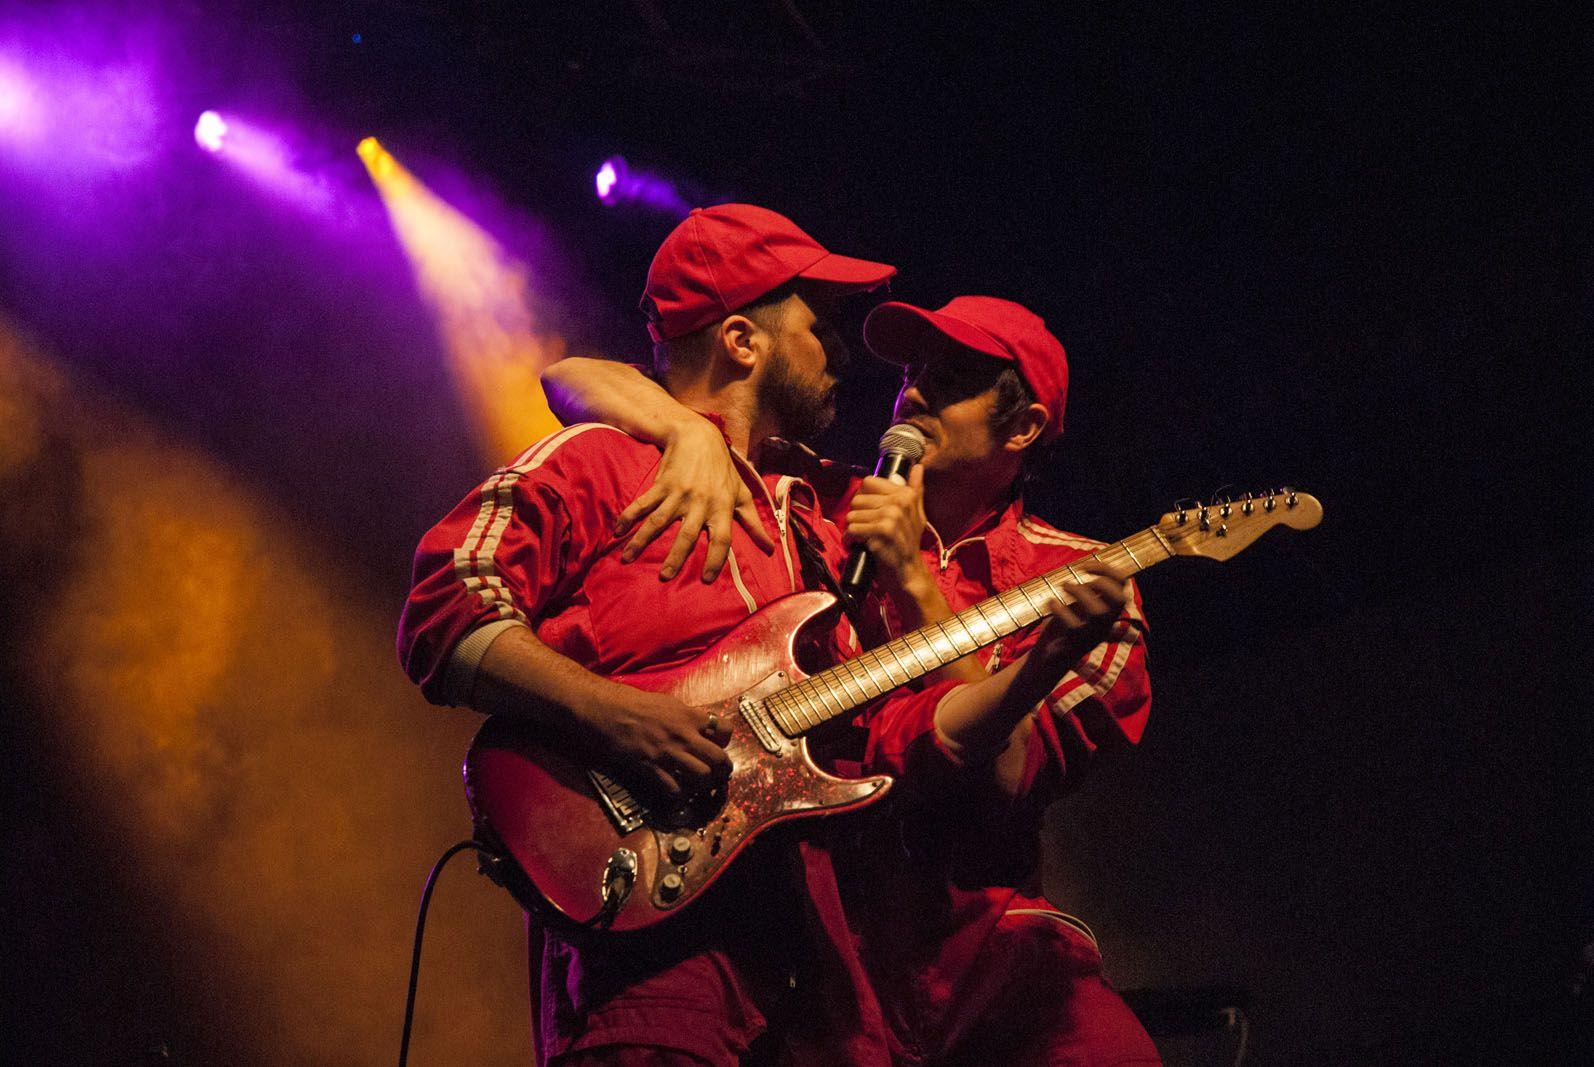 Concert la Banda del Coche Rojo. Plaça Octavià. FOTO: Aïda Sotelo